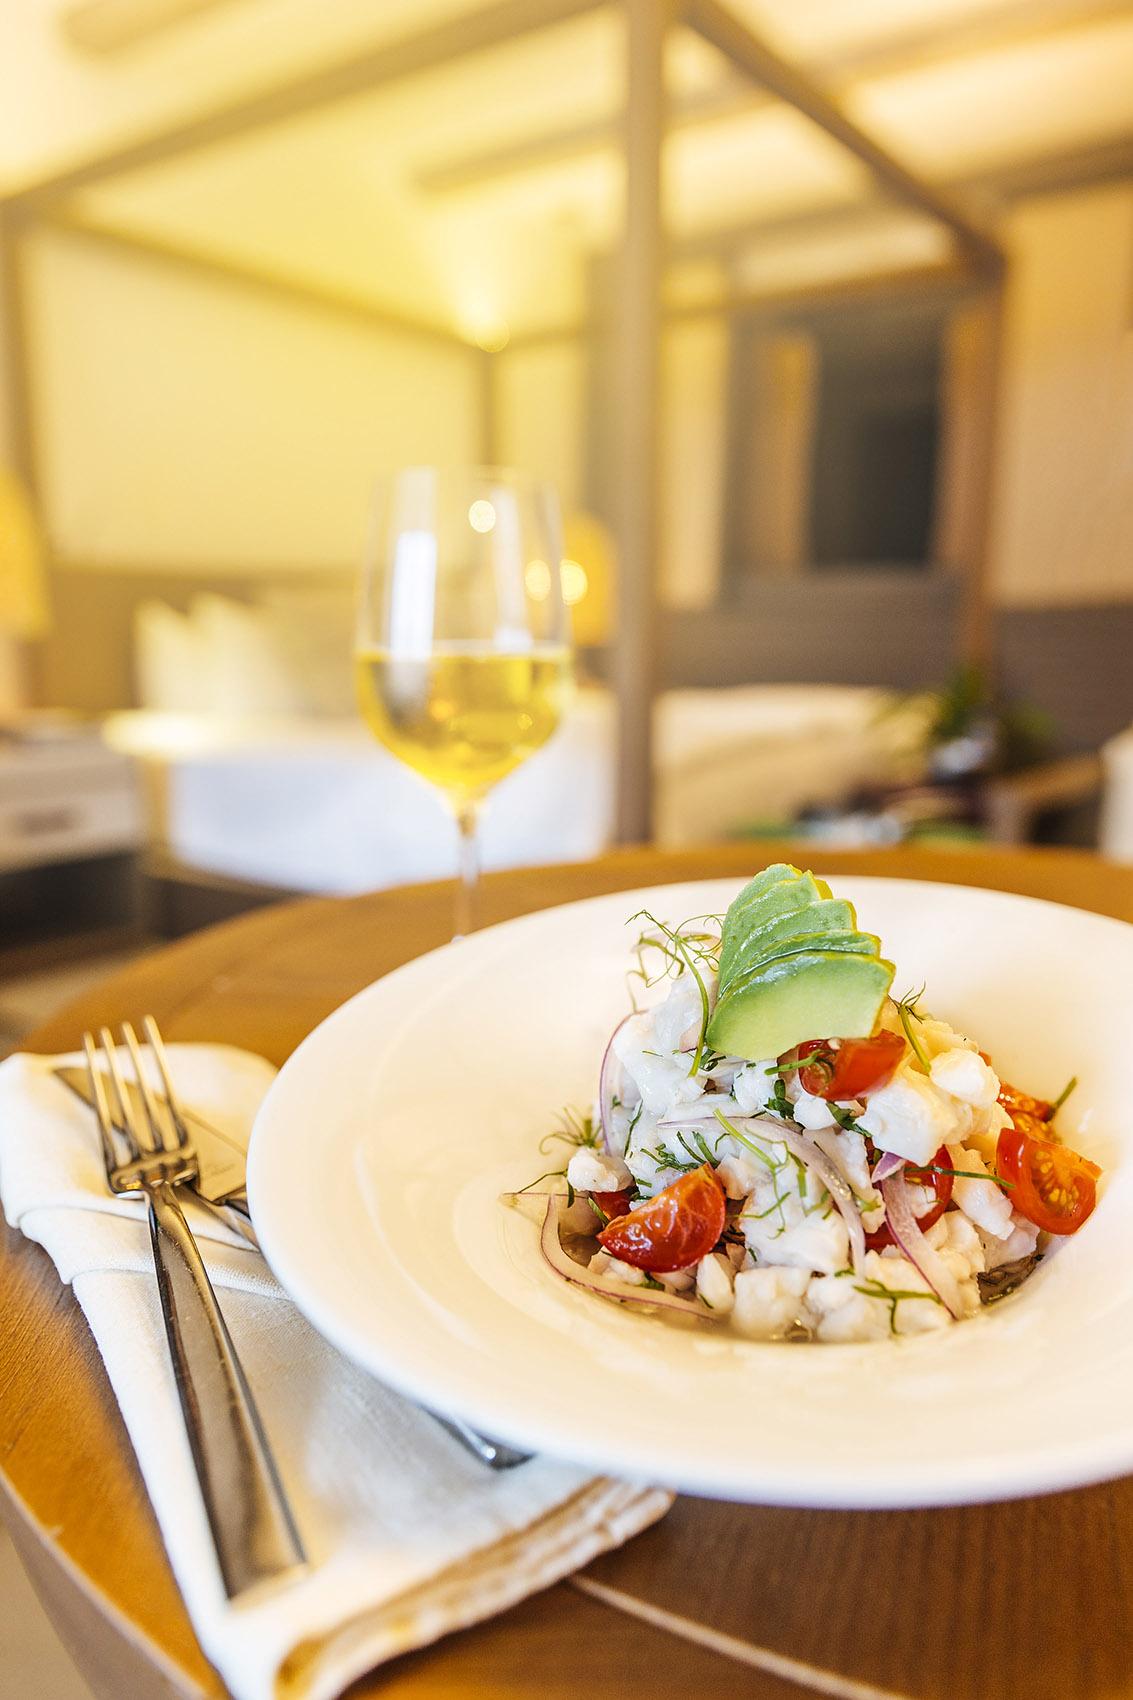 UNICO HOTEL Riviera maya menu